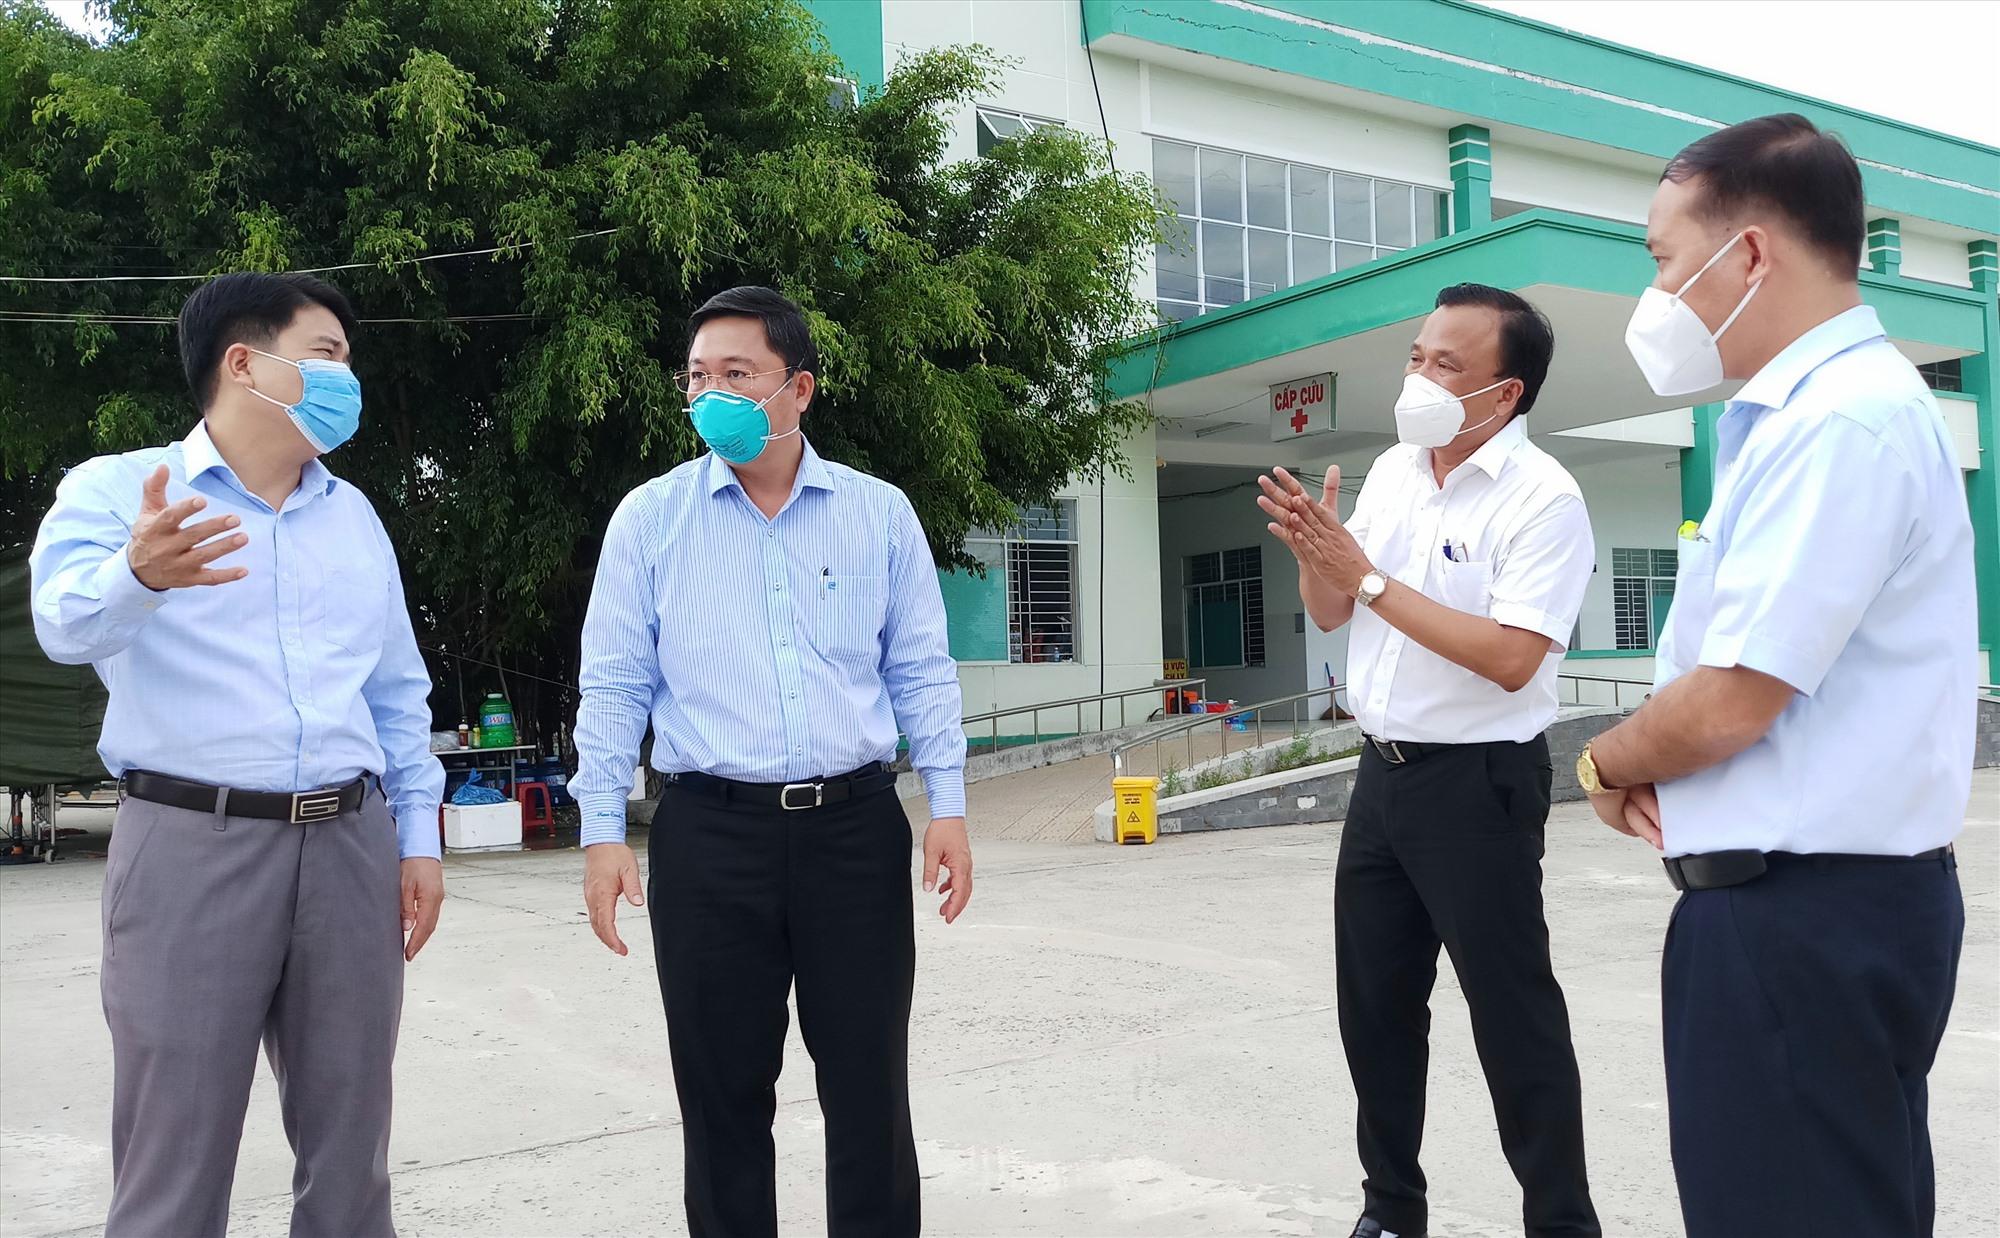 Bằng các phương án cụ thể, nguy cơ lây nhiễm chéo trong bệnh viện sẽ được kiểm soát, ngăn ngừa. TRONG ẢNH: Lãnh đạo tỉnh kiểm tra công tác phòng chống dịch tại Phòng khám Đa khoa khu vực Điện Nam - Điện Ngọc (Điện Bàn). Ảnh: ALĂNG NGƯỚC